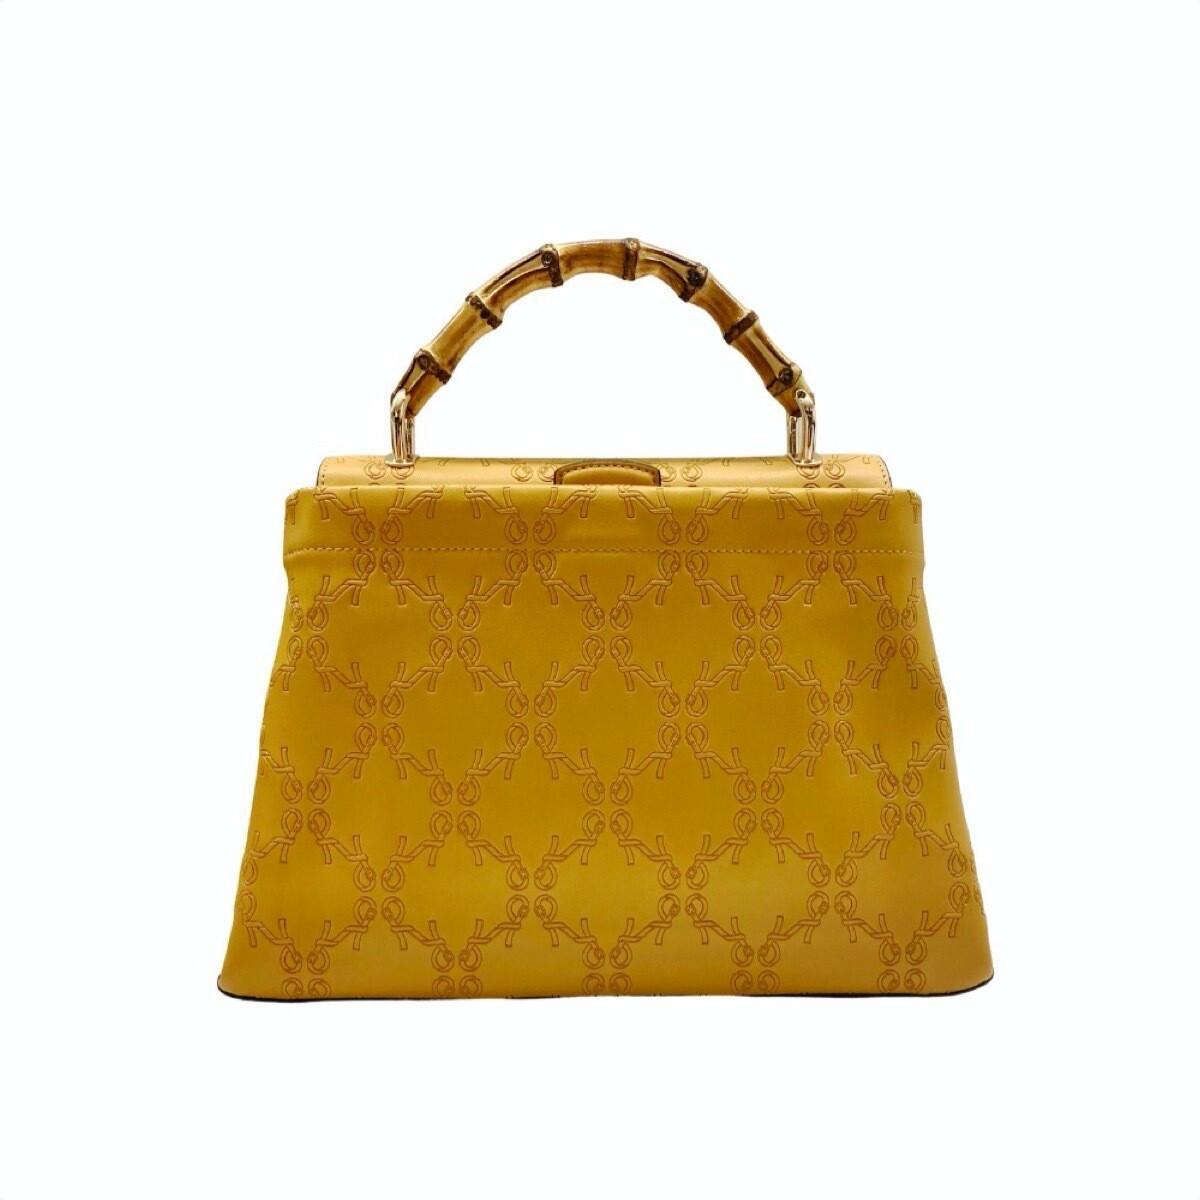 ROBERTA DI CAMERINO - Bamboo Handbag M con tracolla - Beige